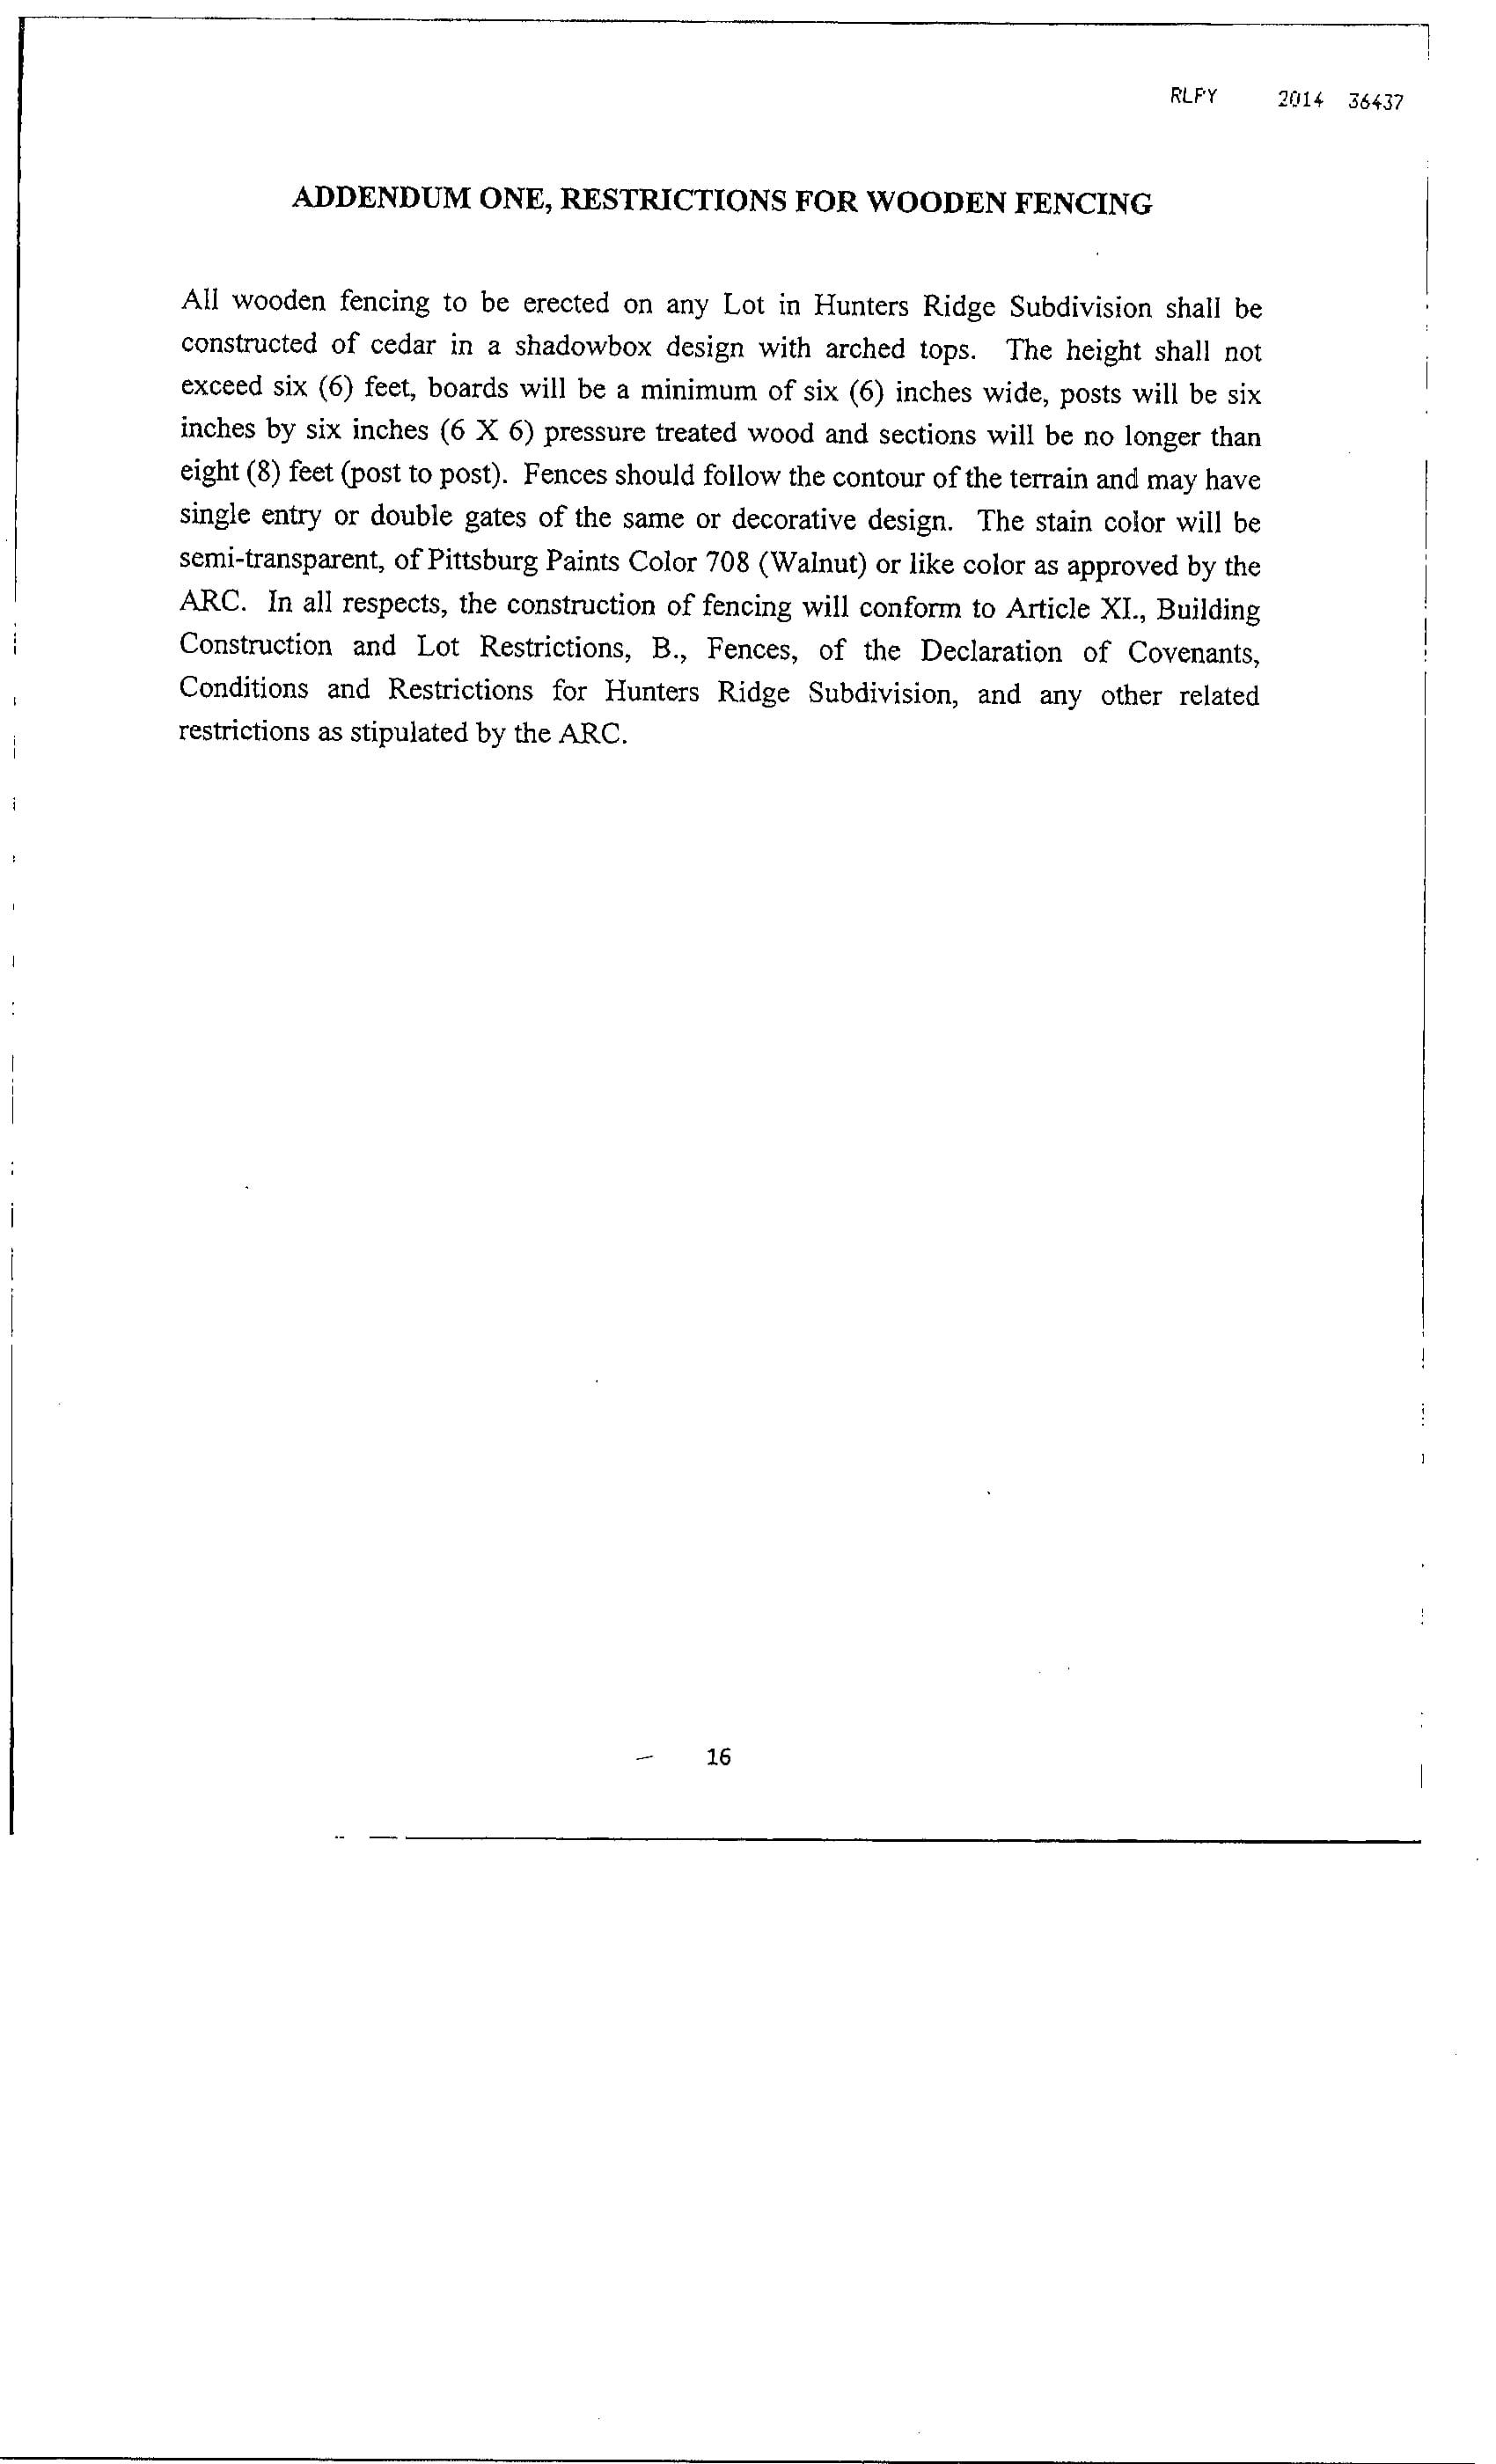 Covenants-Hunters-Ridge-Subdivision-16.jpg